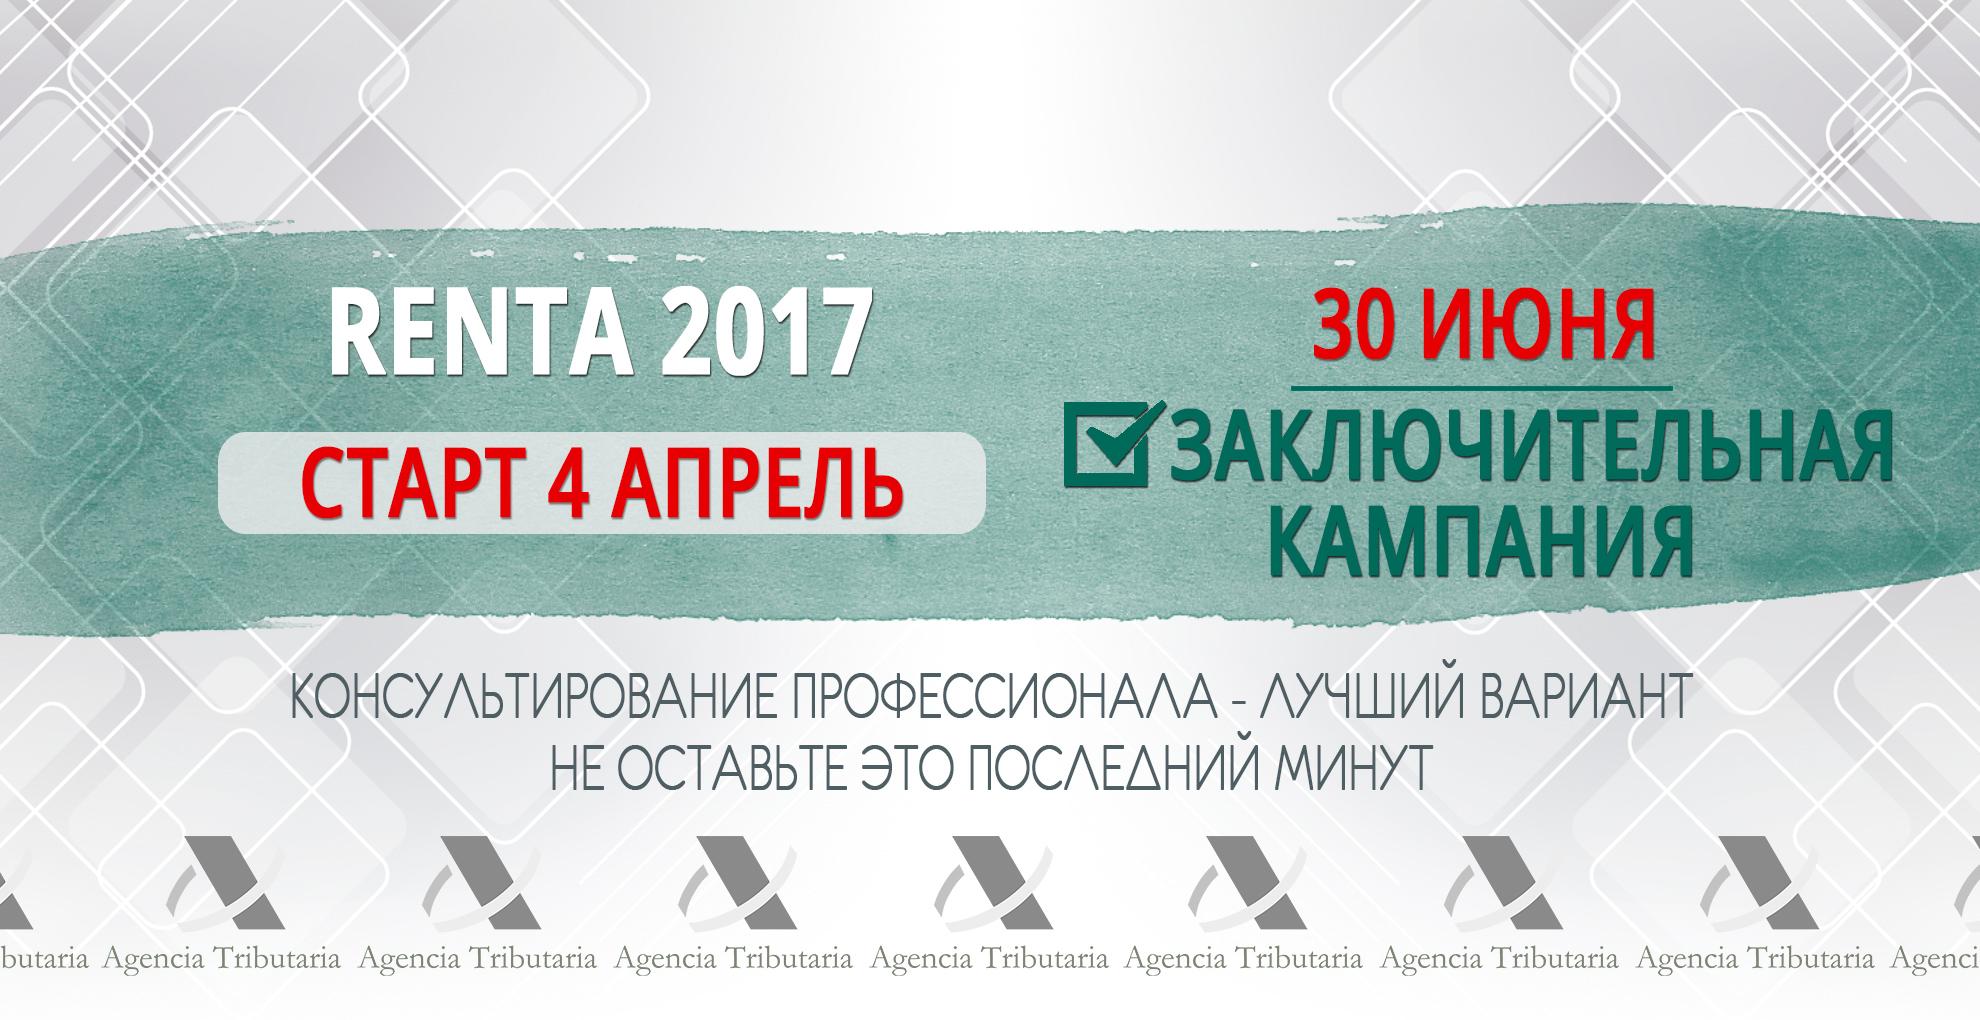 renta 2017 russian